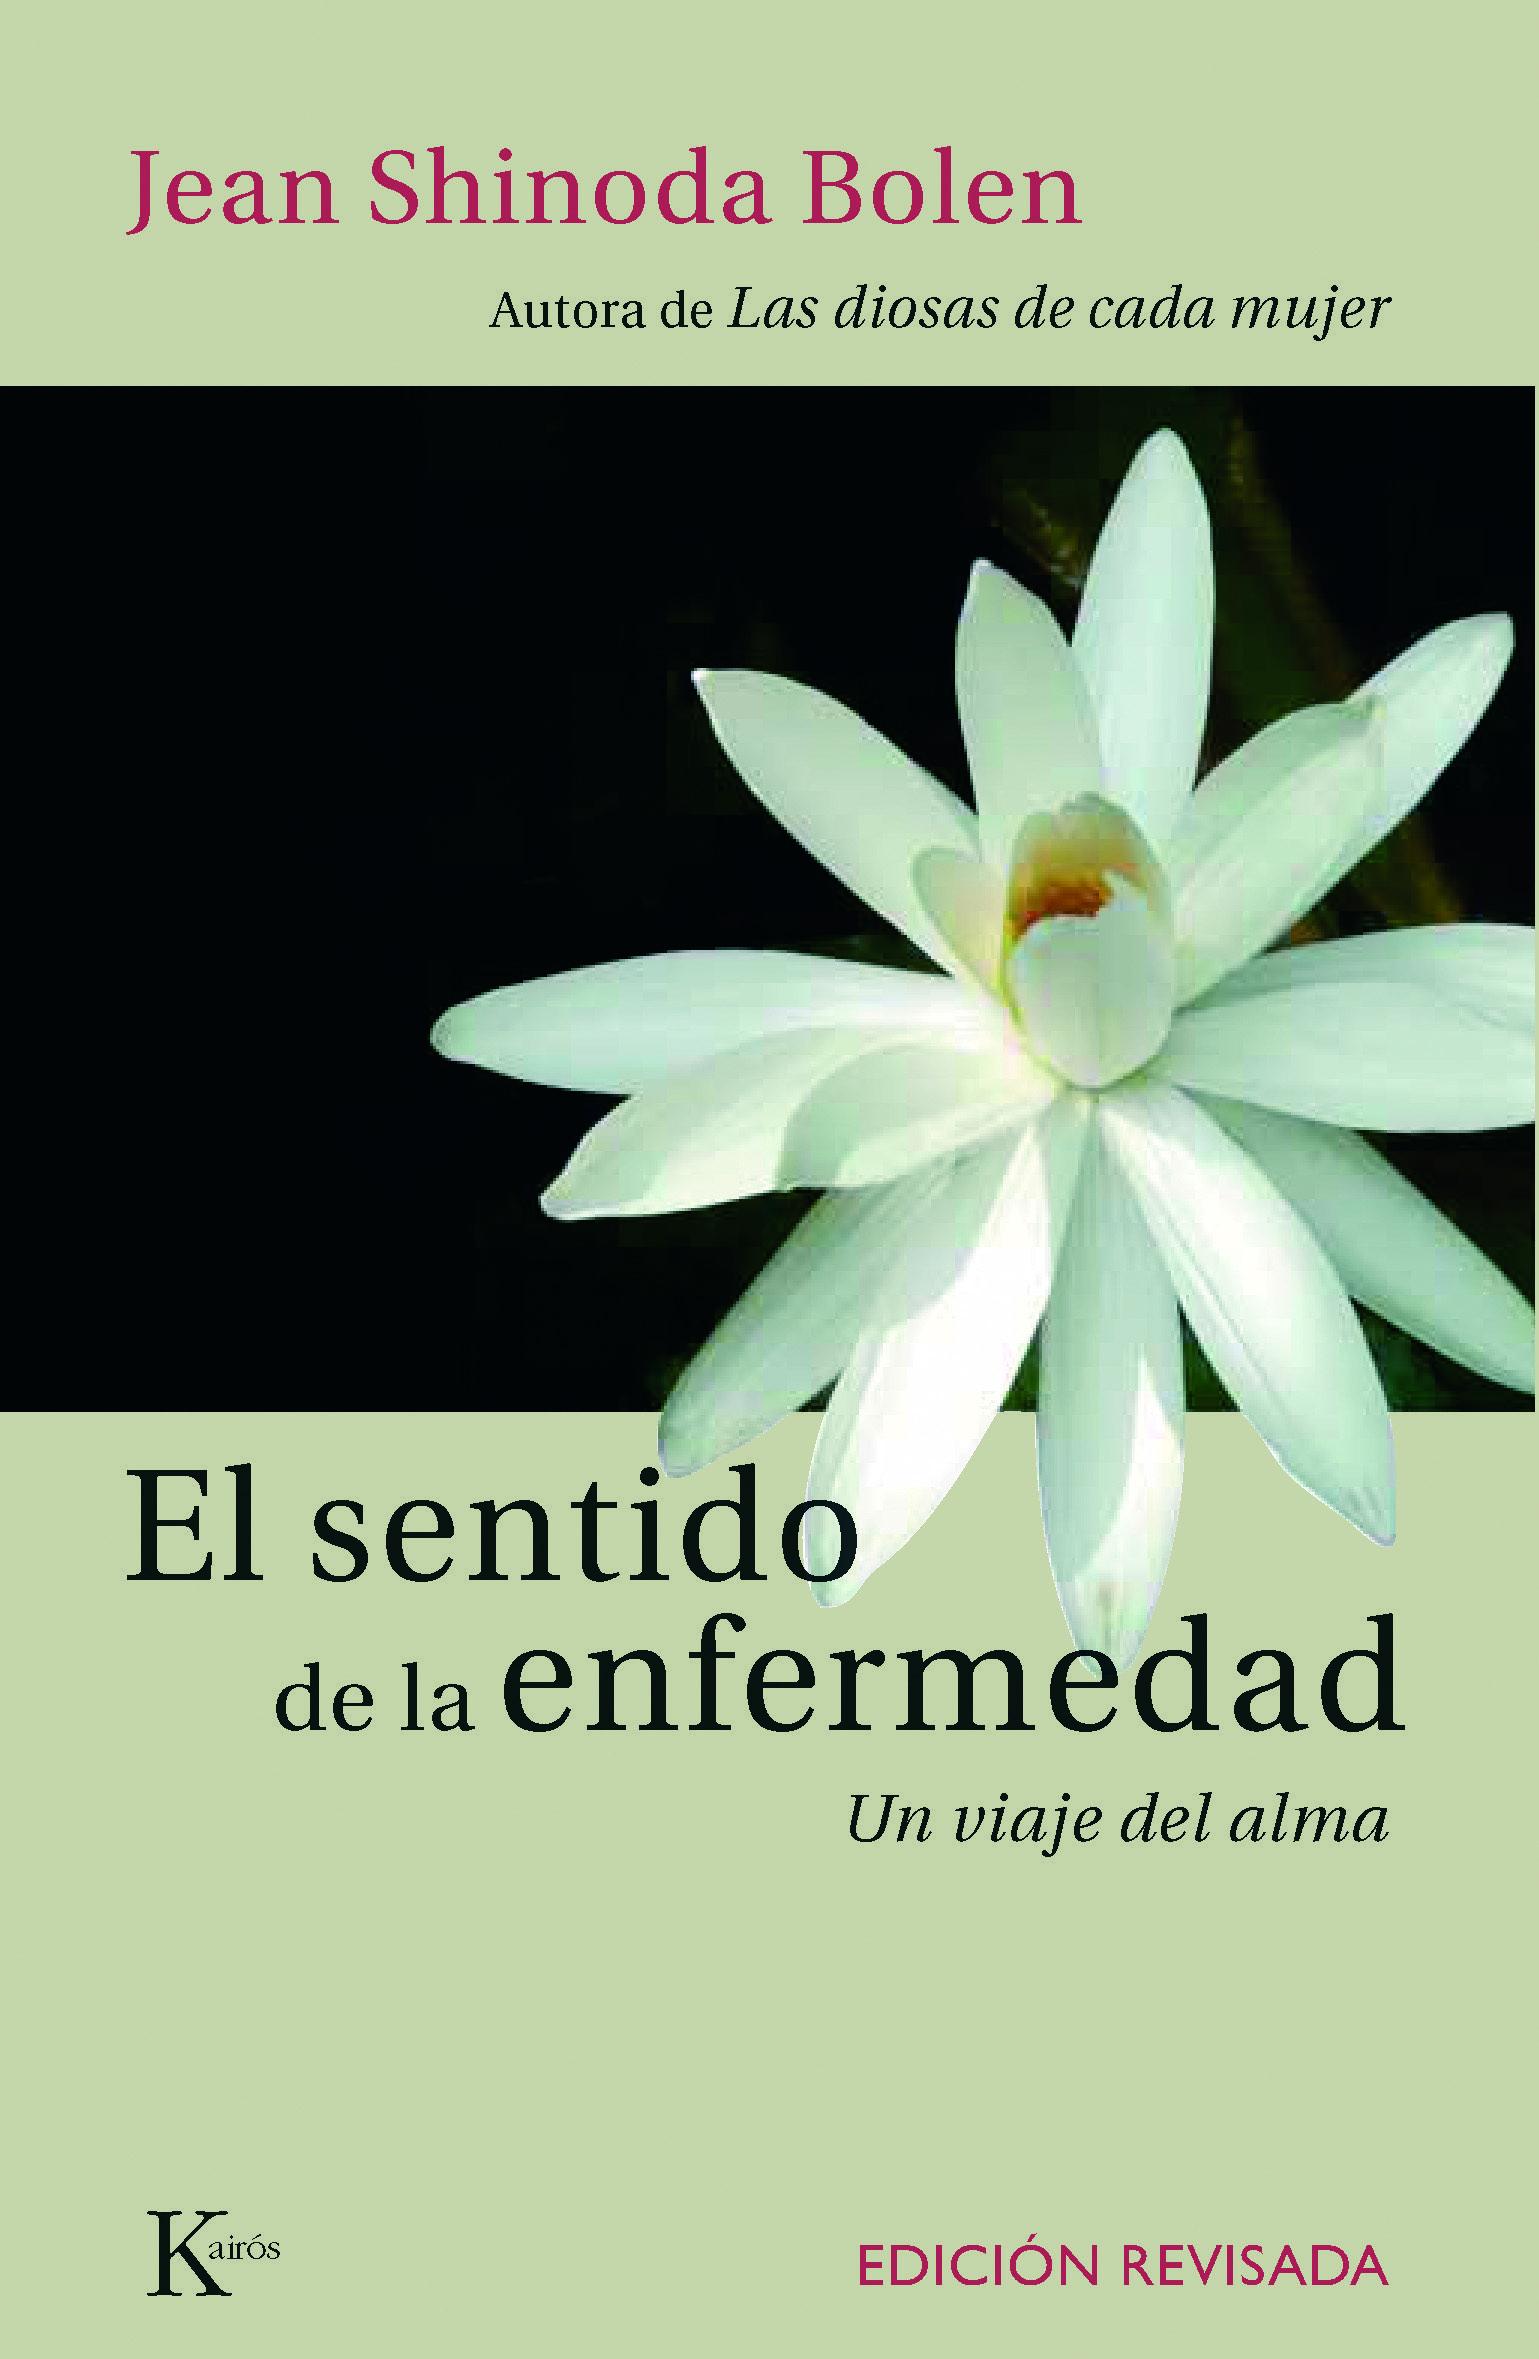 El sentido de la enfermedad jean shinoda bolen comprar libro el sentido de la enfermedad jean shinoda bolen 9788472456136 fandeluxe Images